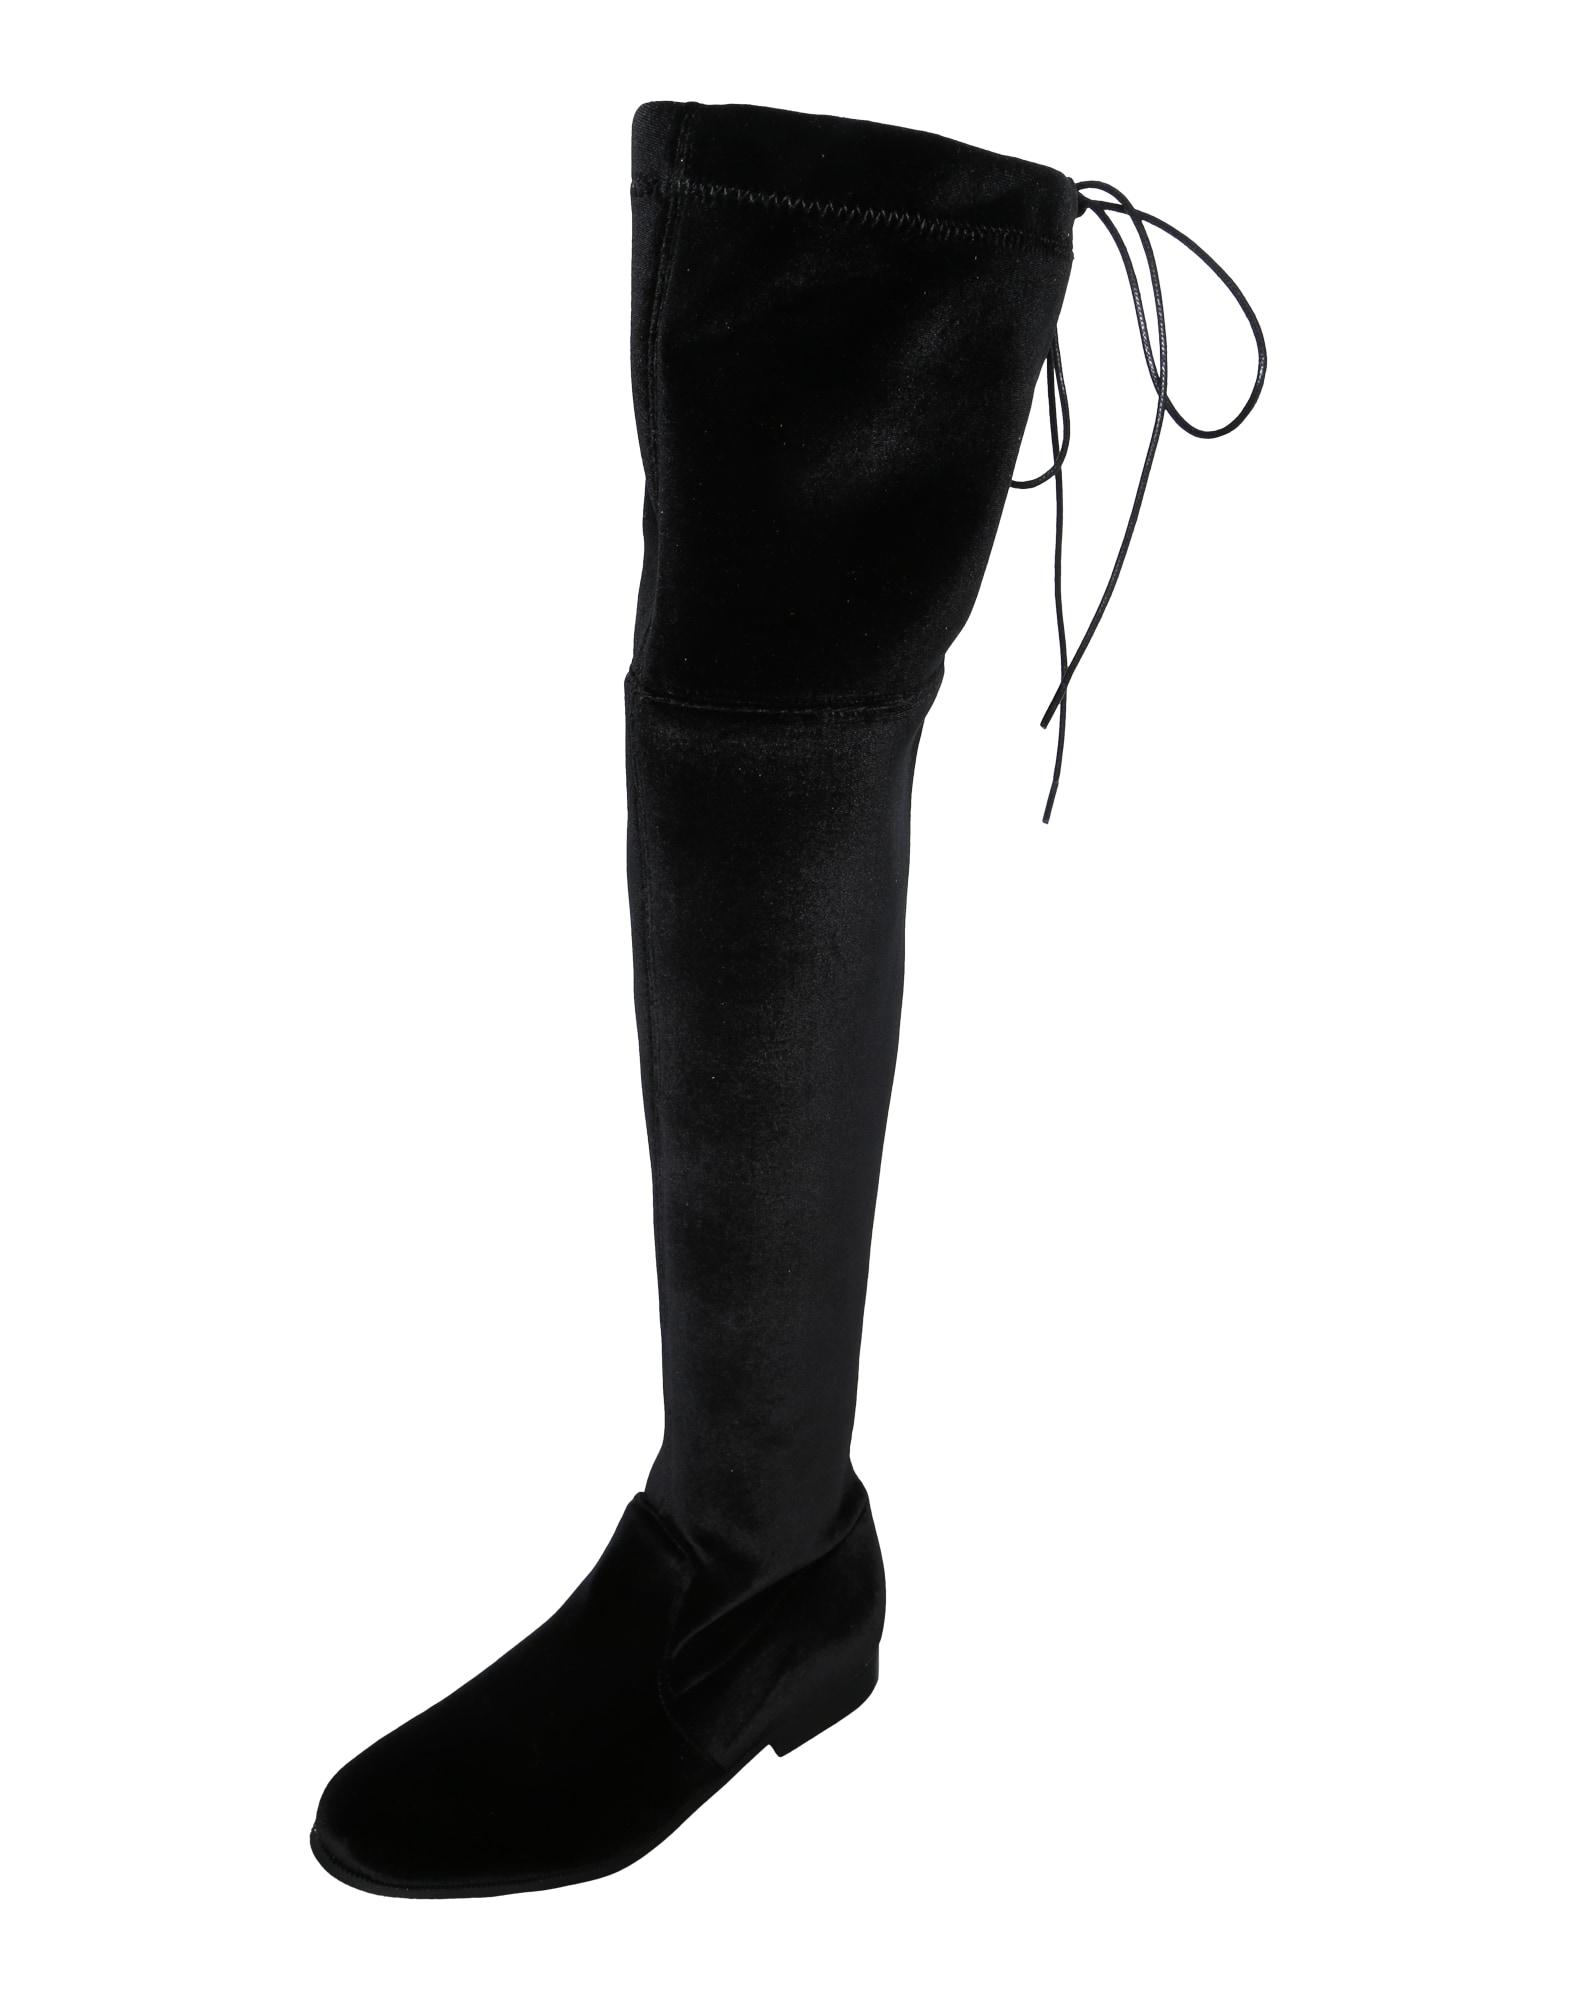 EDITED, Dames Overknee laarzen 'Florence', zwart